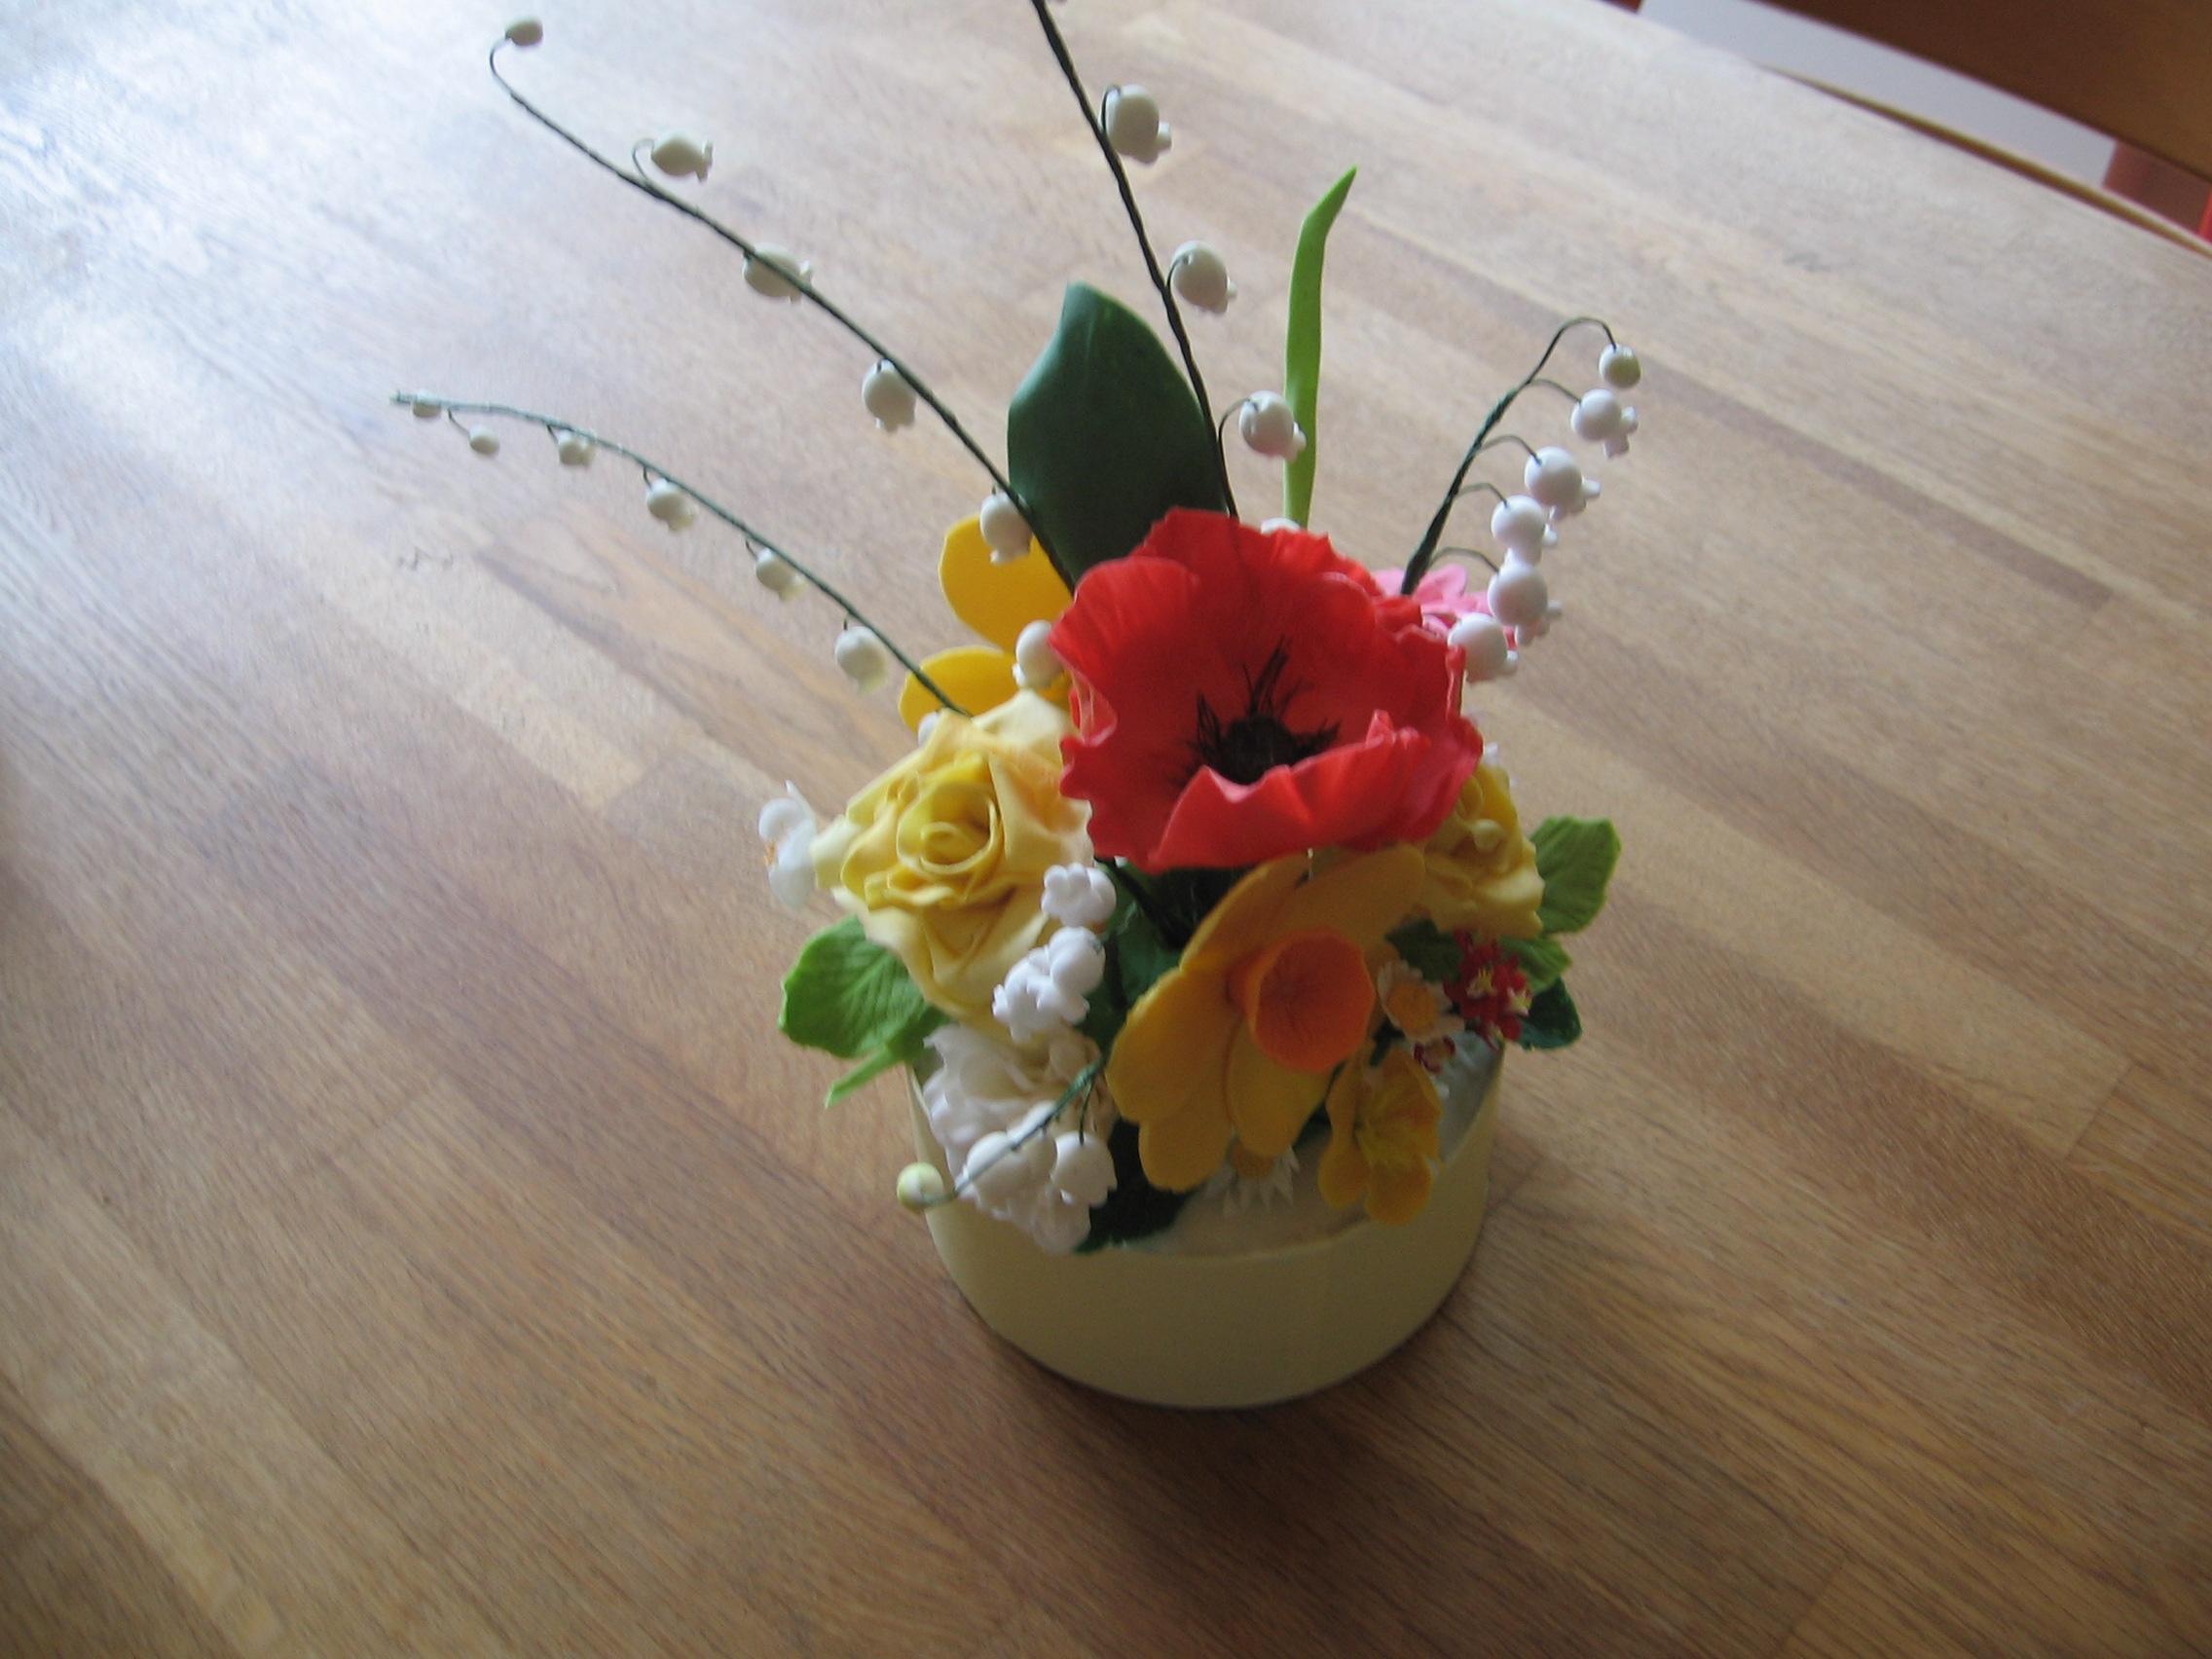 Zucker Kunstwerke  Das fertige Blumengesteck